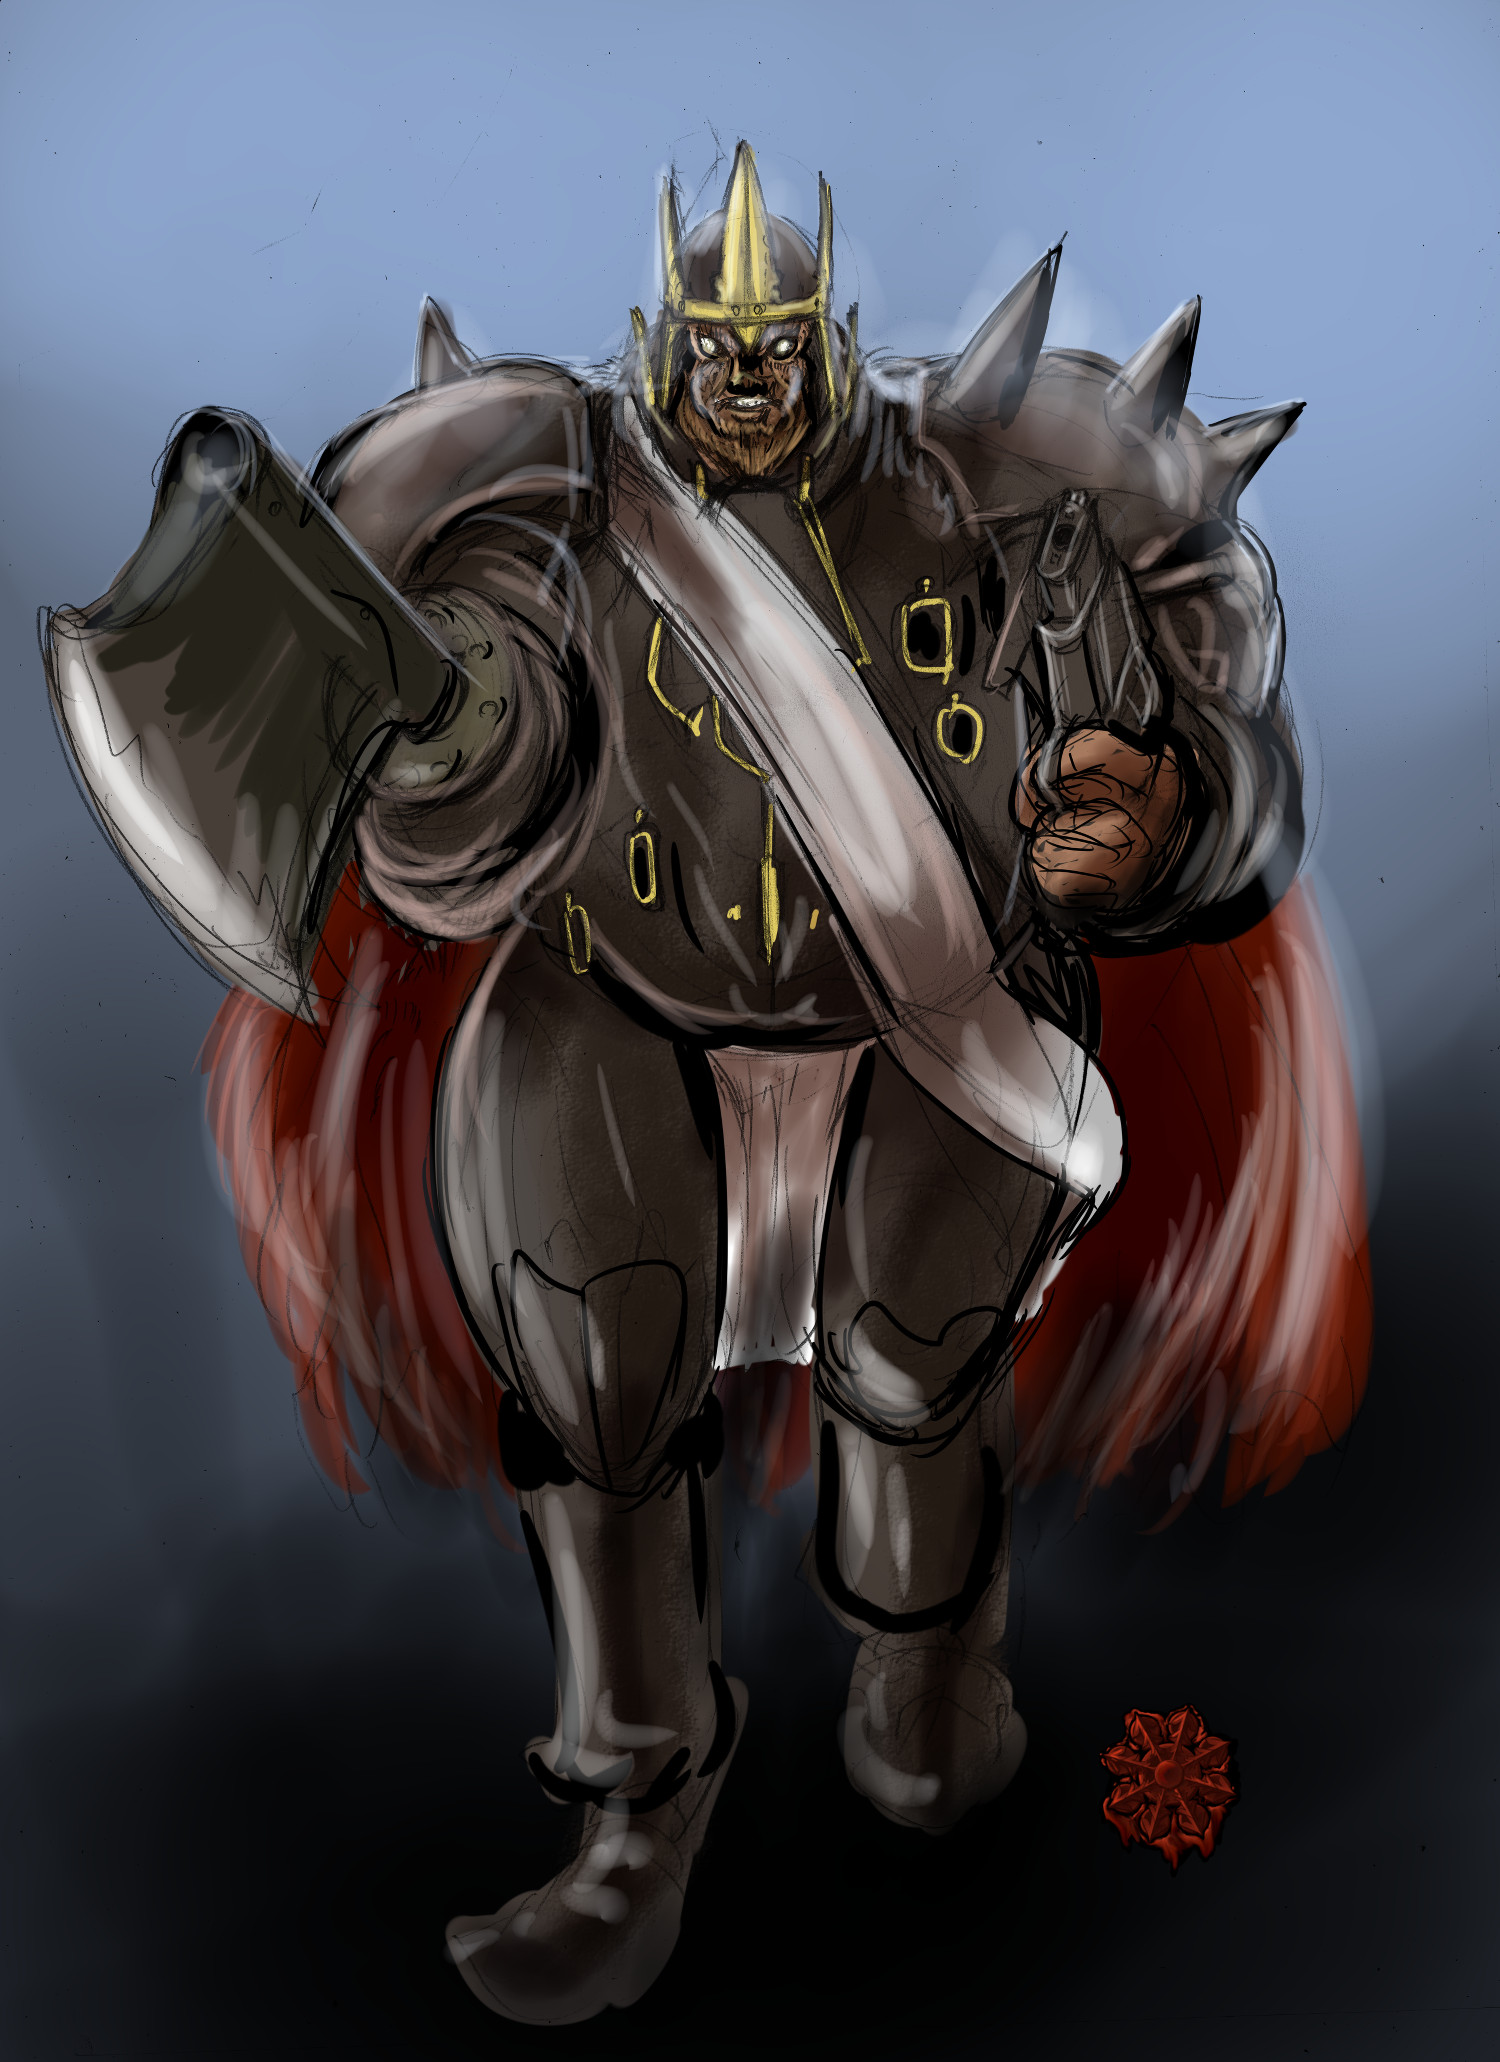 コボルド混沌の戦士